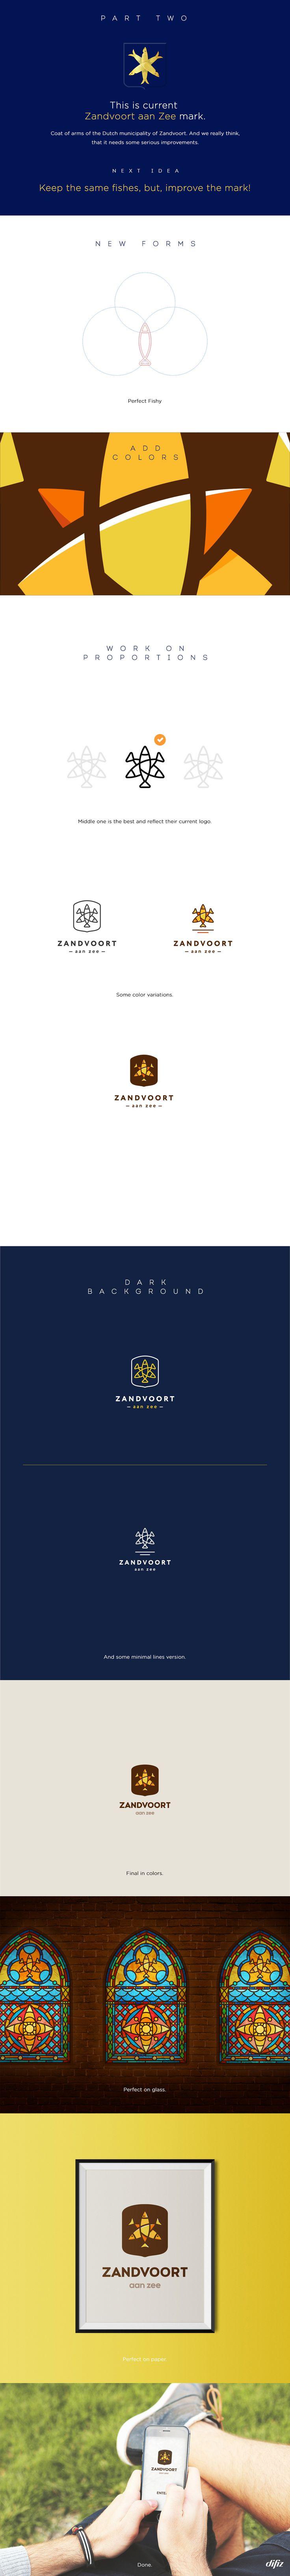 Zandvoort aan Zee — city branding project on Behance